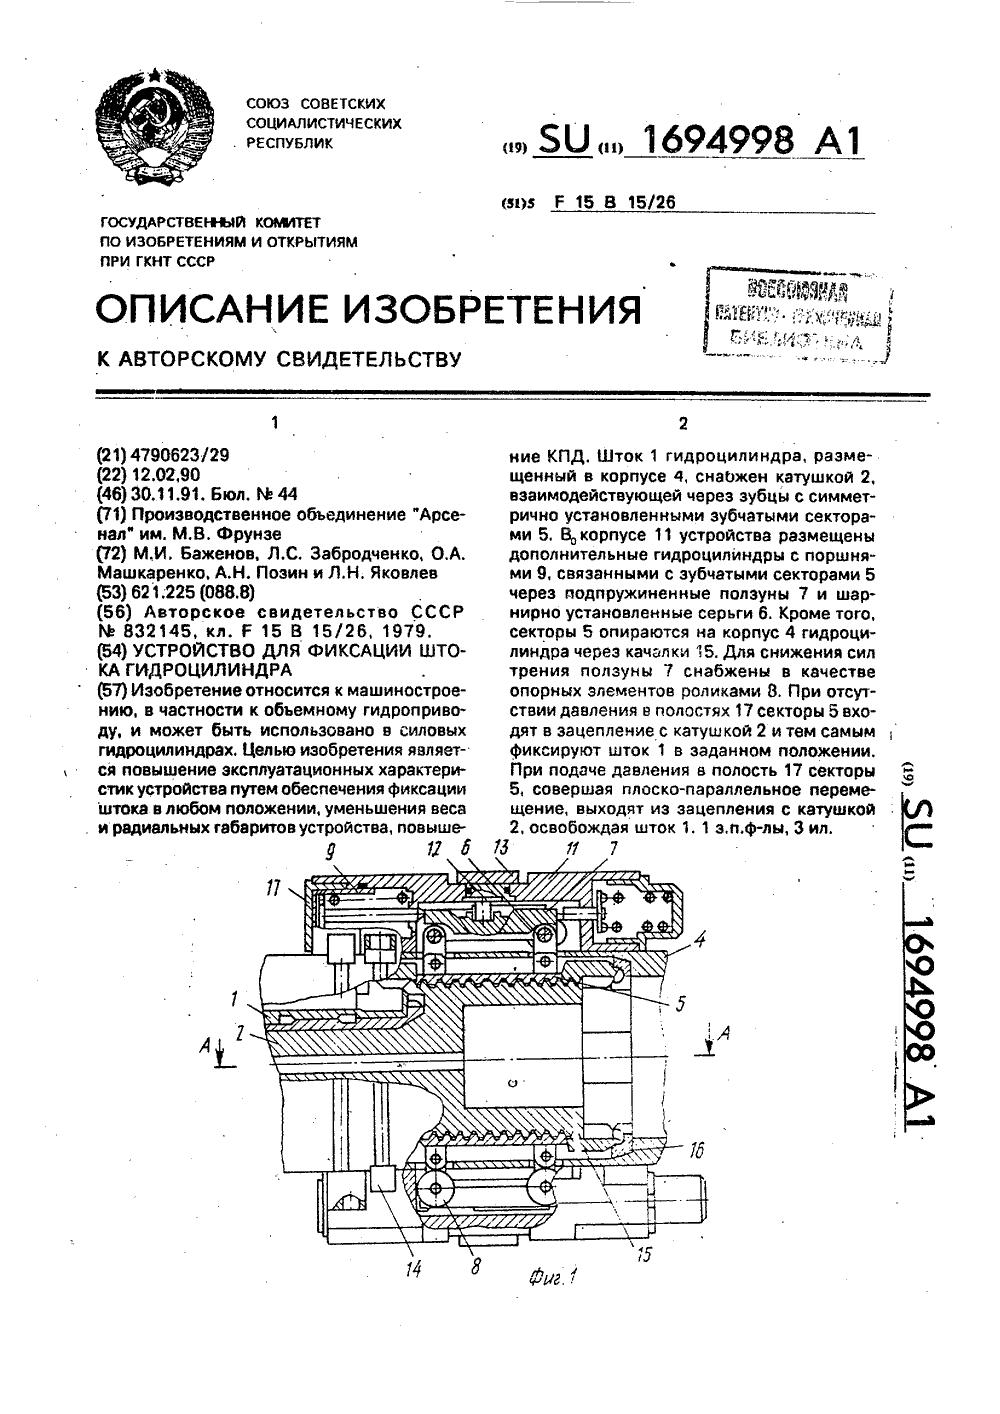 схема и действие одностороннего гидроцилиндра